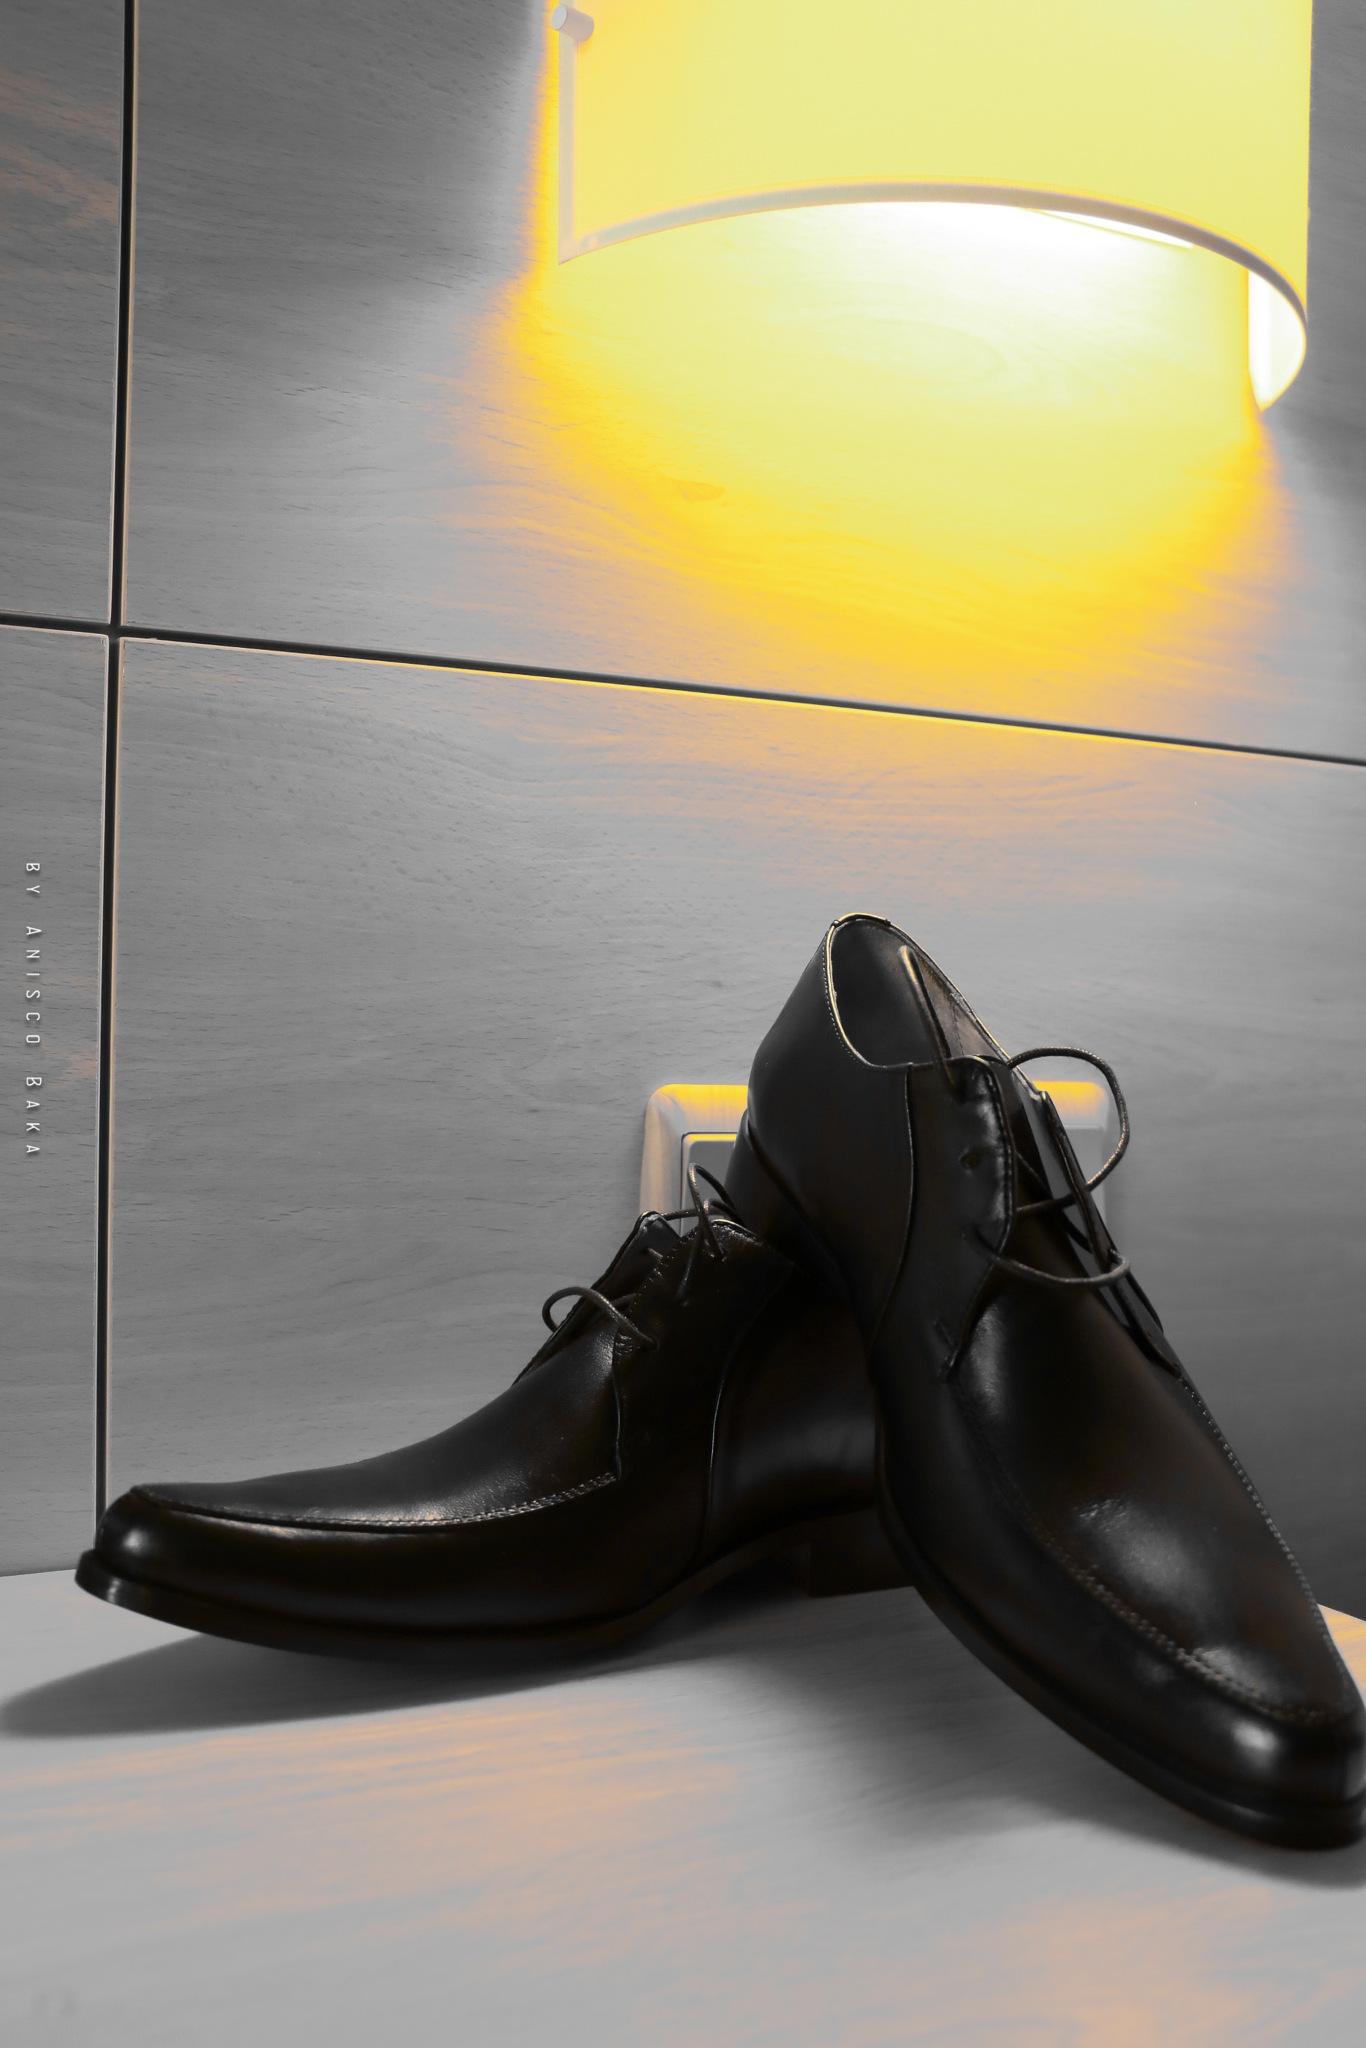 the groom's shoe by Anisco Baka